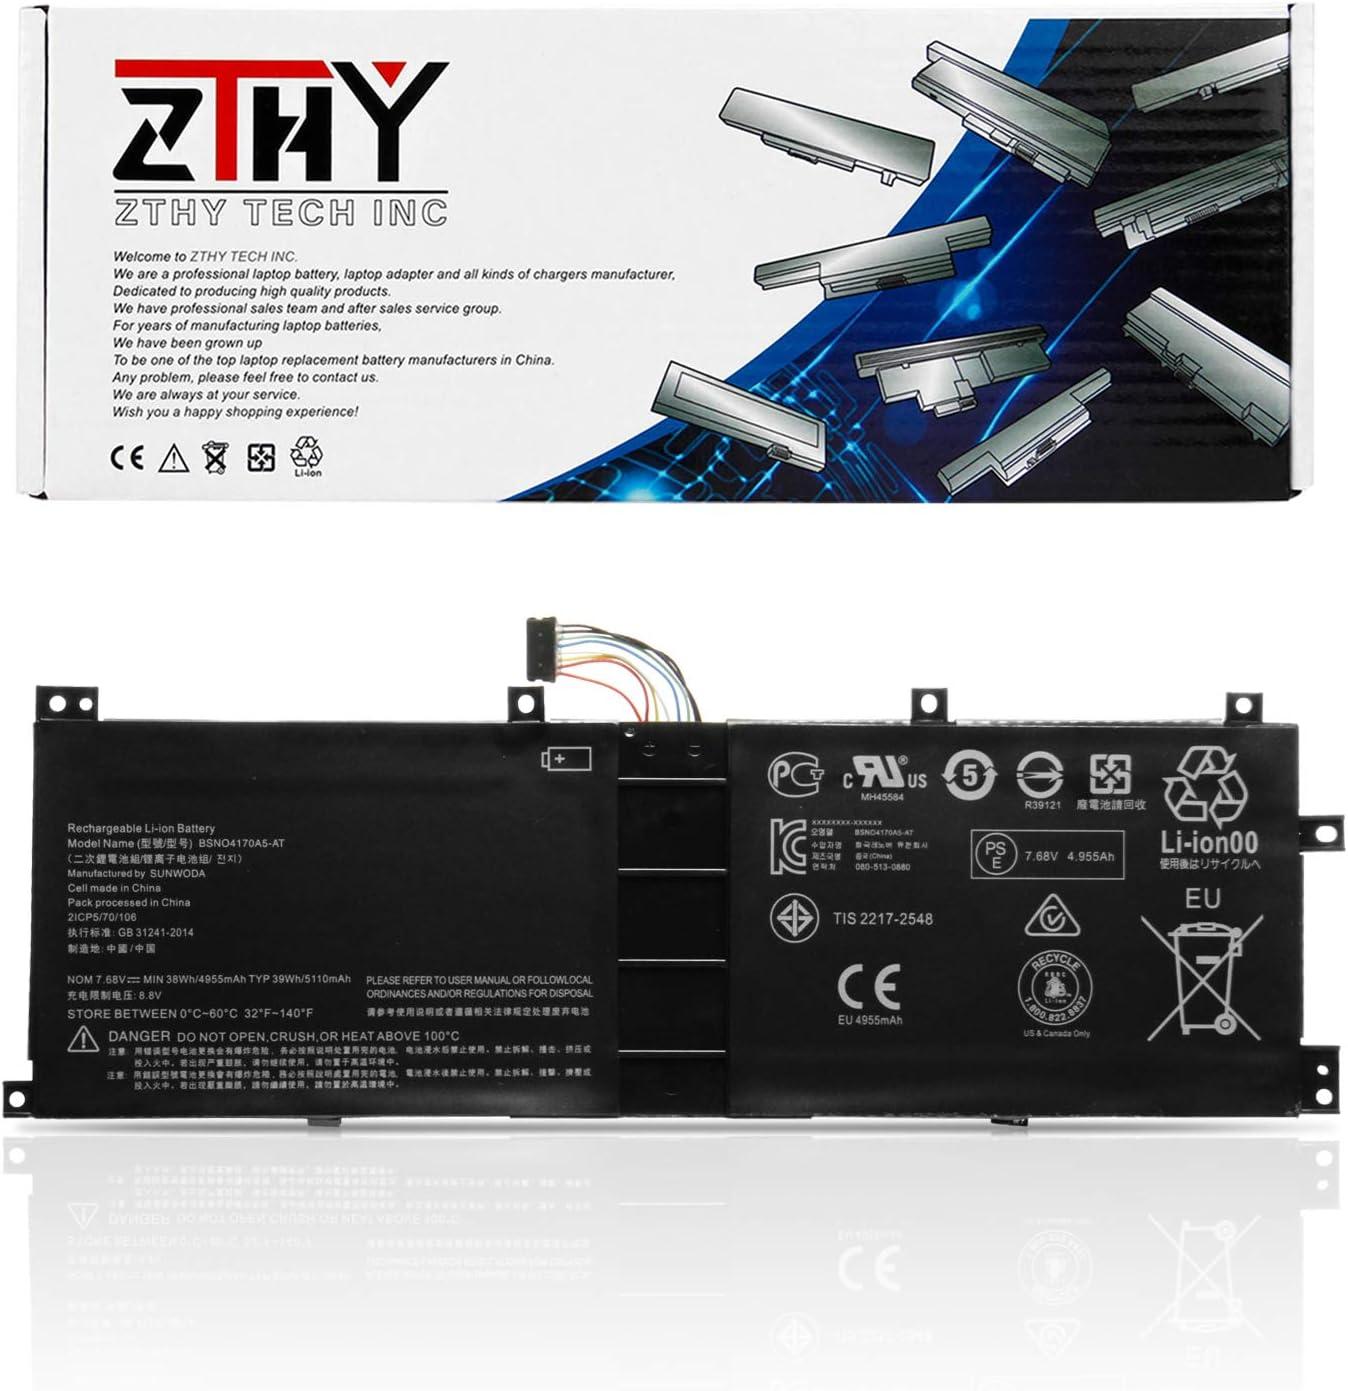 ZTHY New BSNO4170A5-AT 5B10L68713 Battery Replacement for Lenovo Miix 510 520 510-12IKB 520-12IKB 20M3000LGE Miix5 pro Series Laptop LH5B10L67278 5B10L67278 BSNO4170A5-LH 7.68V 38WH 4955mAh